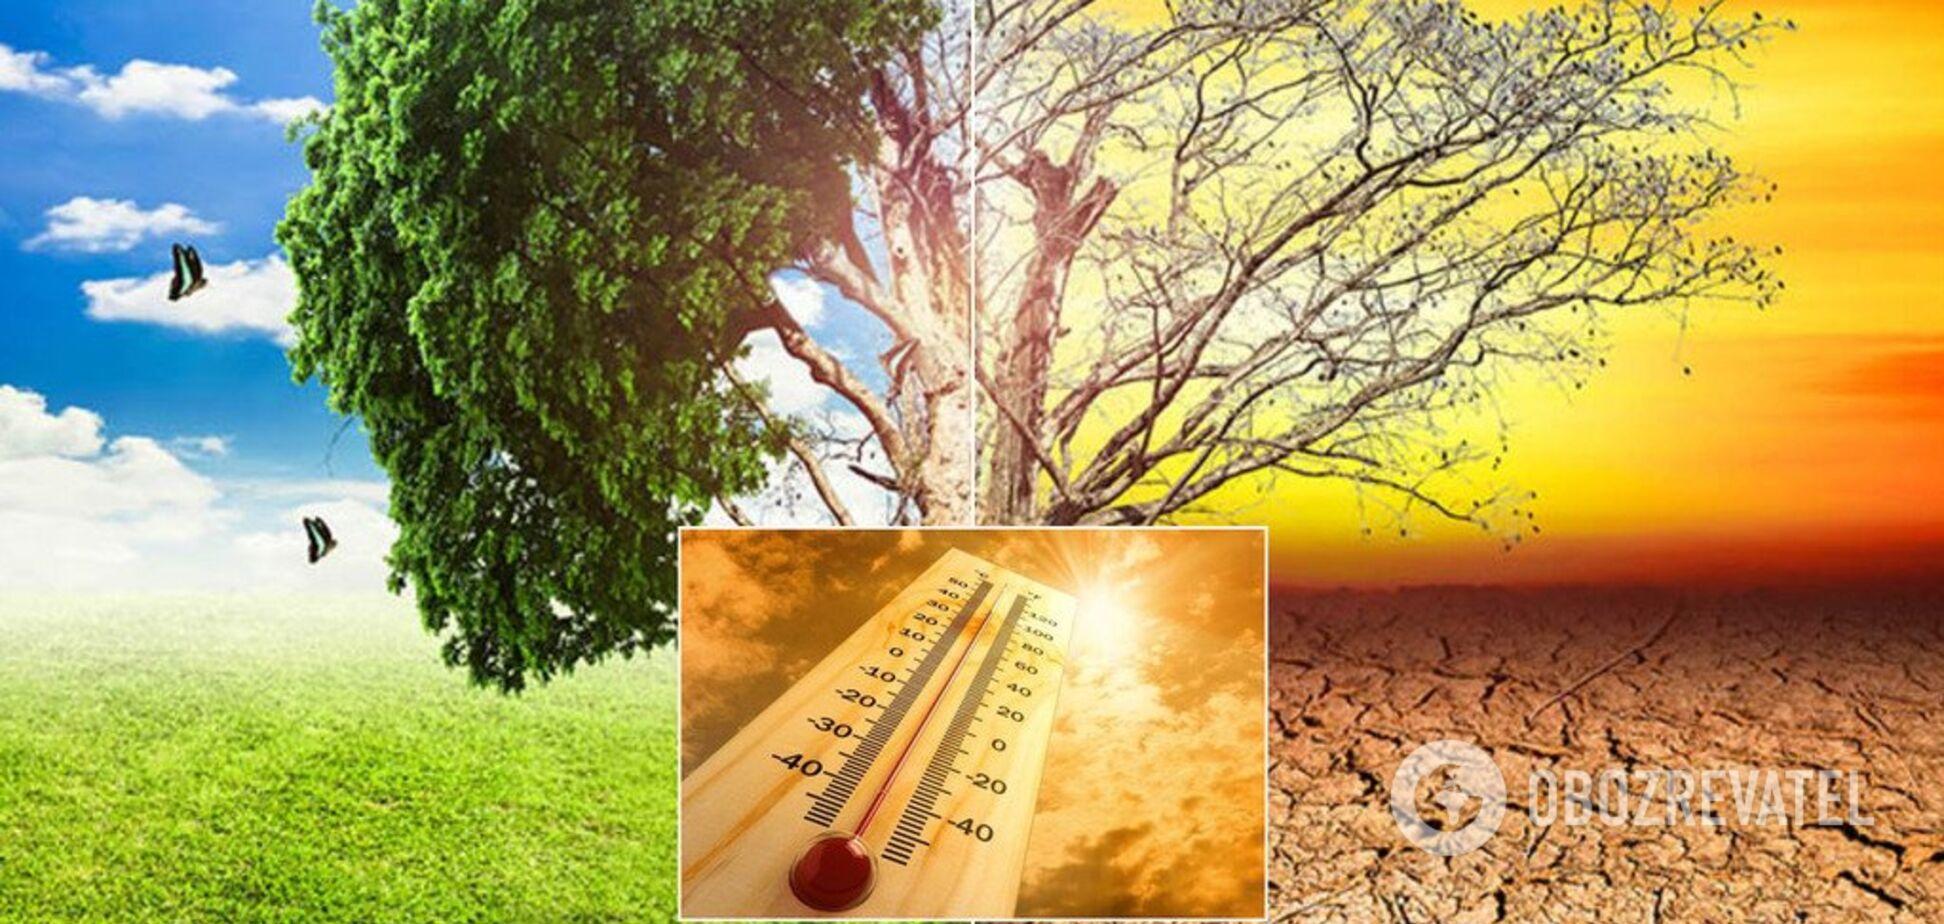 В 2020 году будет еще больше температурных максимумов